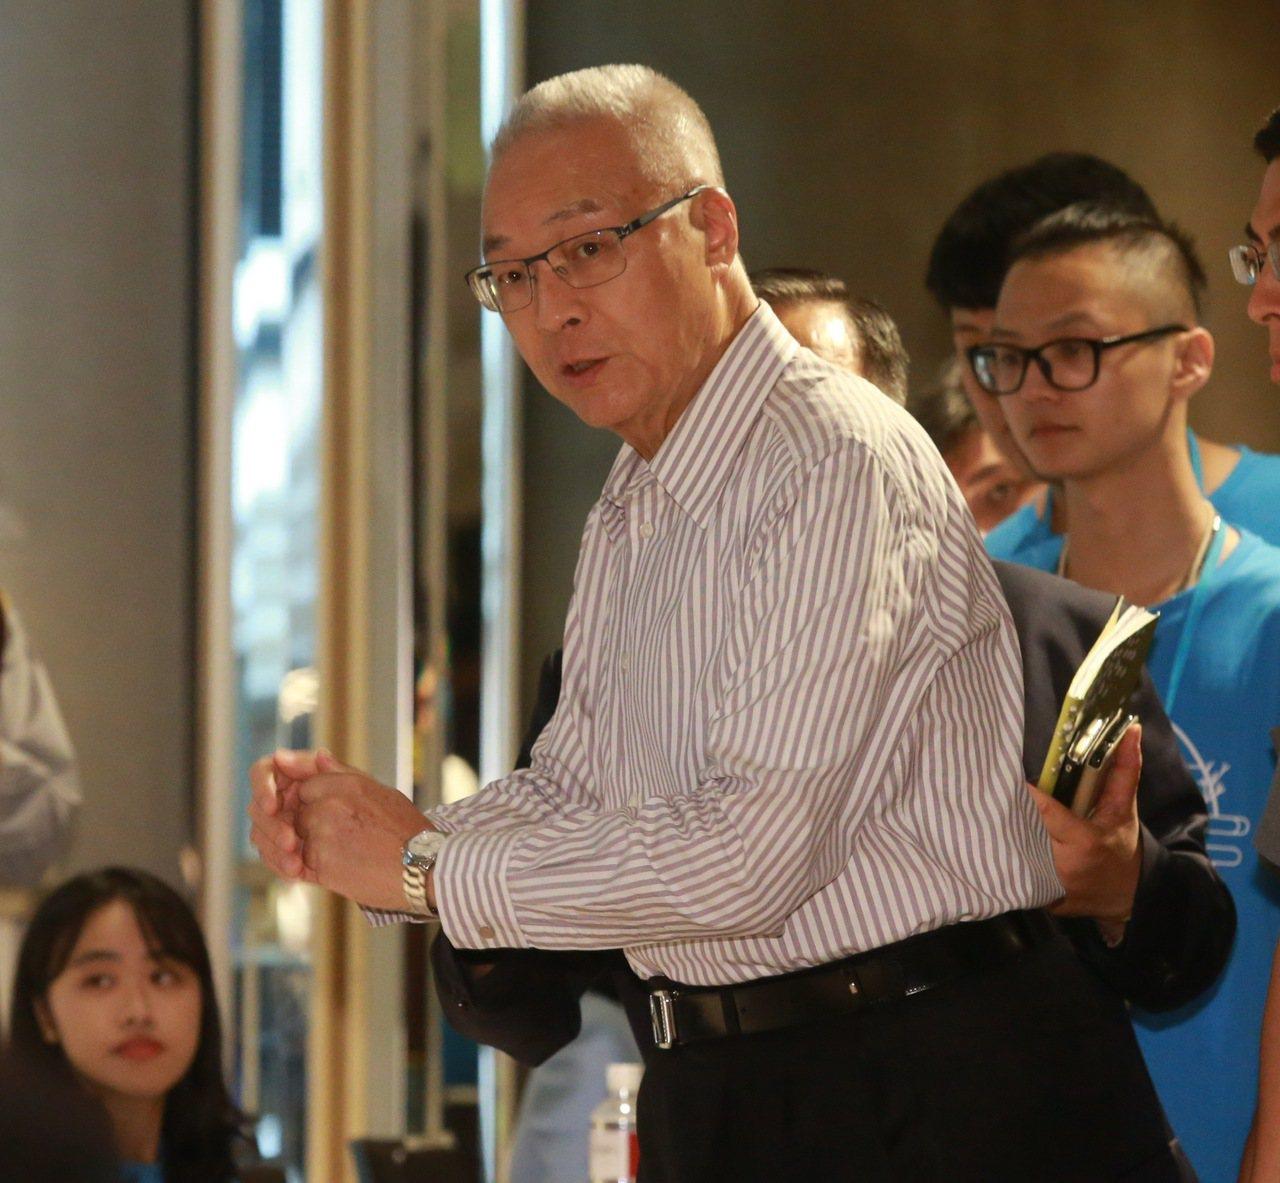 國民黨主席吳敦義被問到有沒有聯絡上郭台銘,又如何挽留郭台銘說,我不能多講。記者黃...